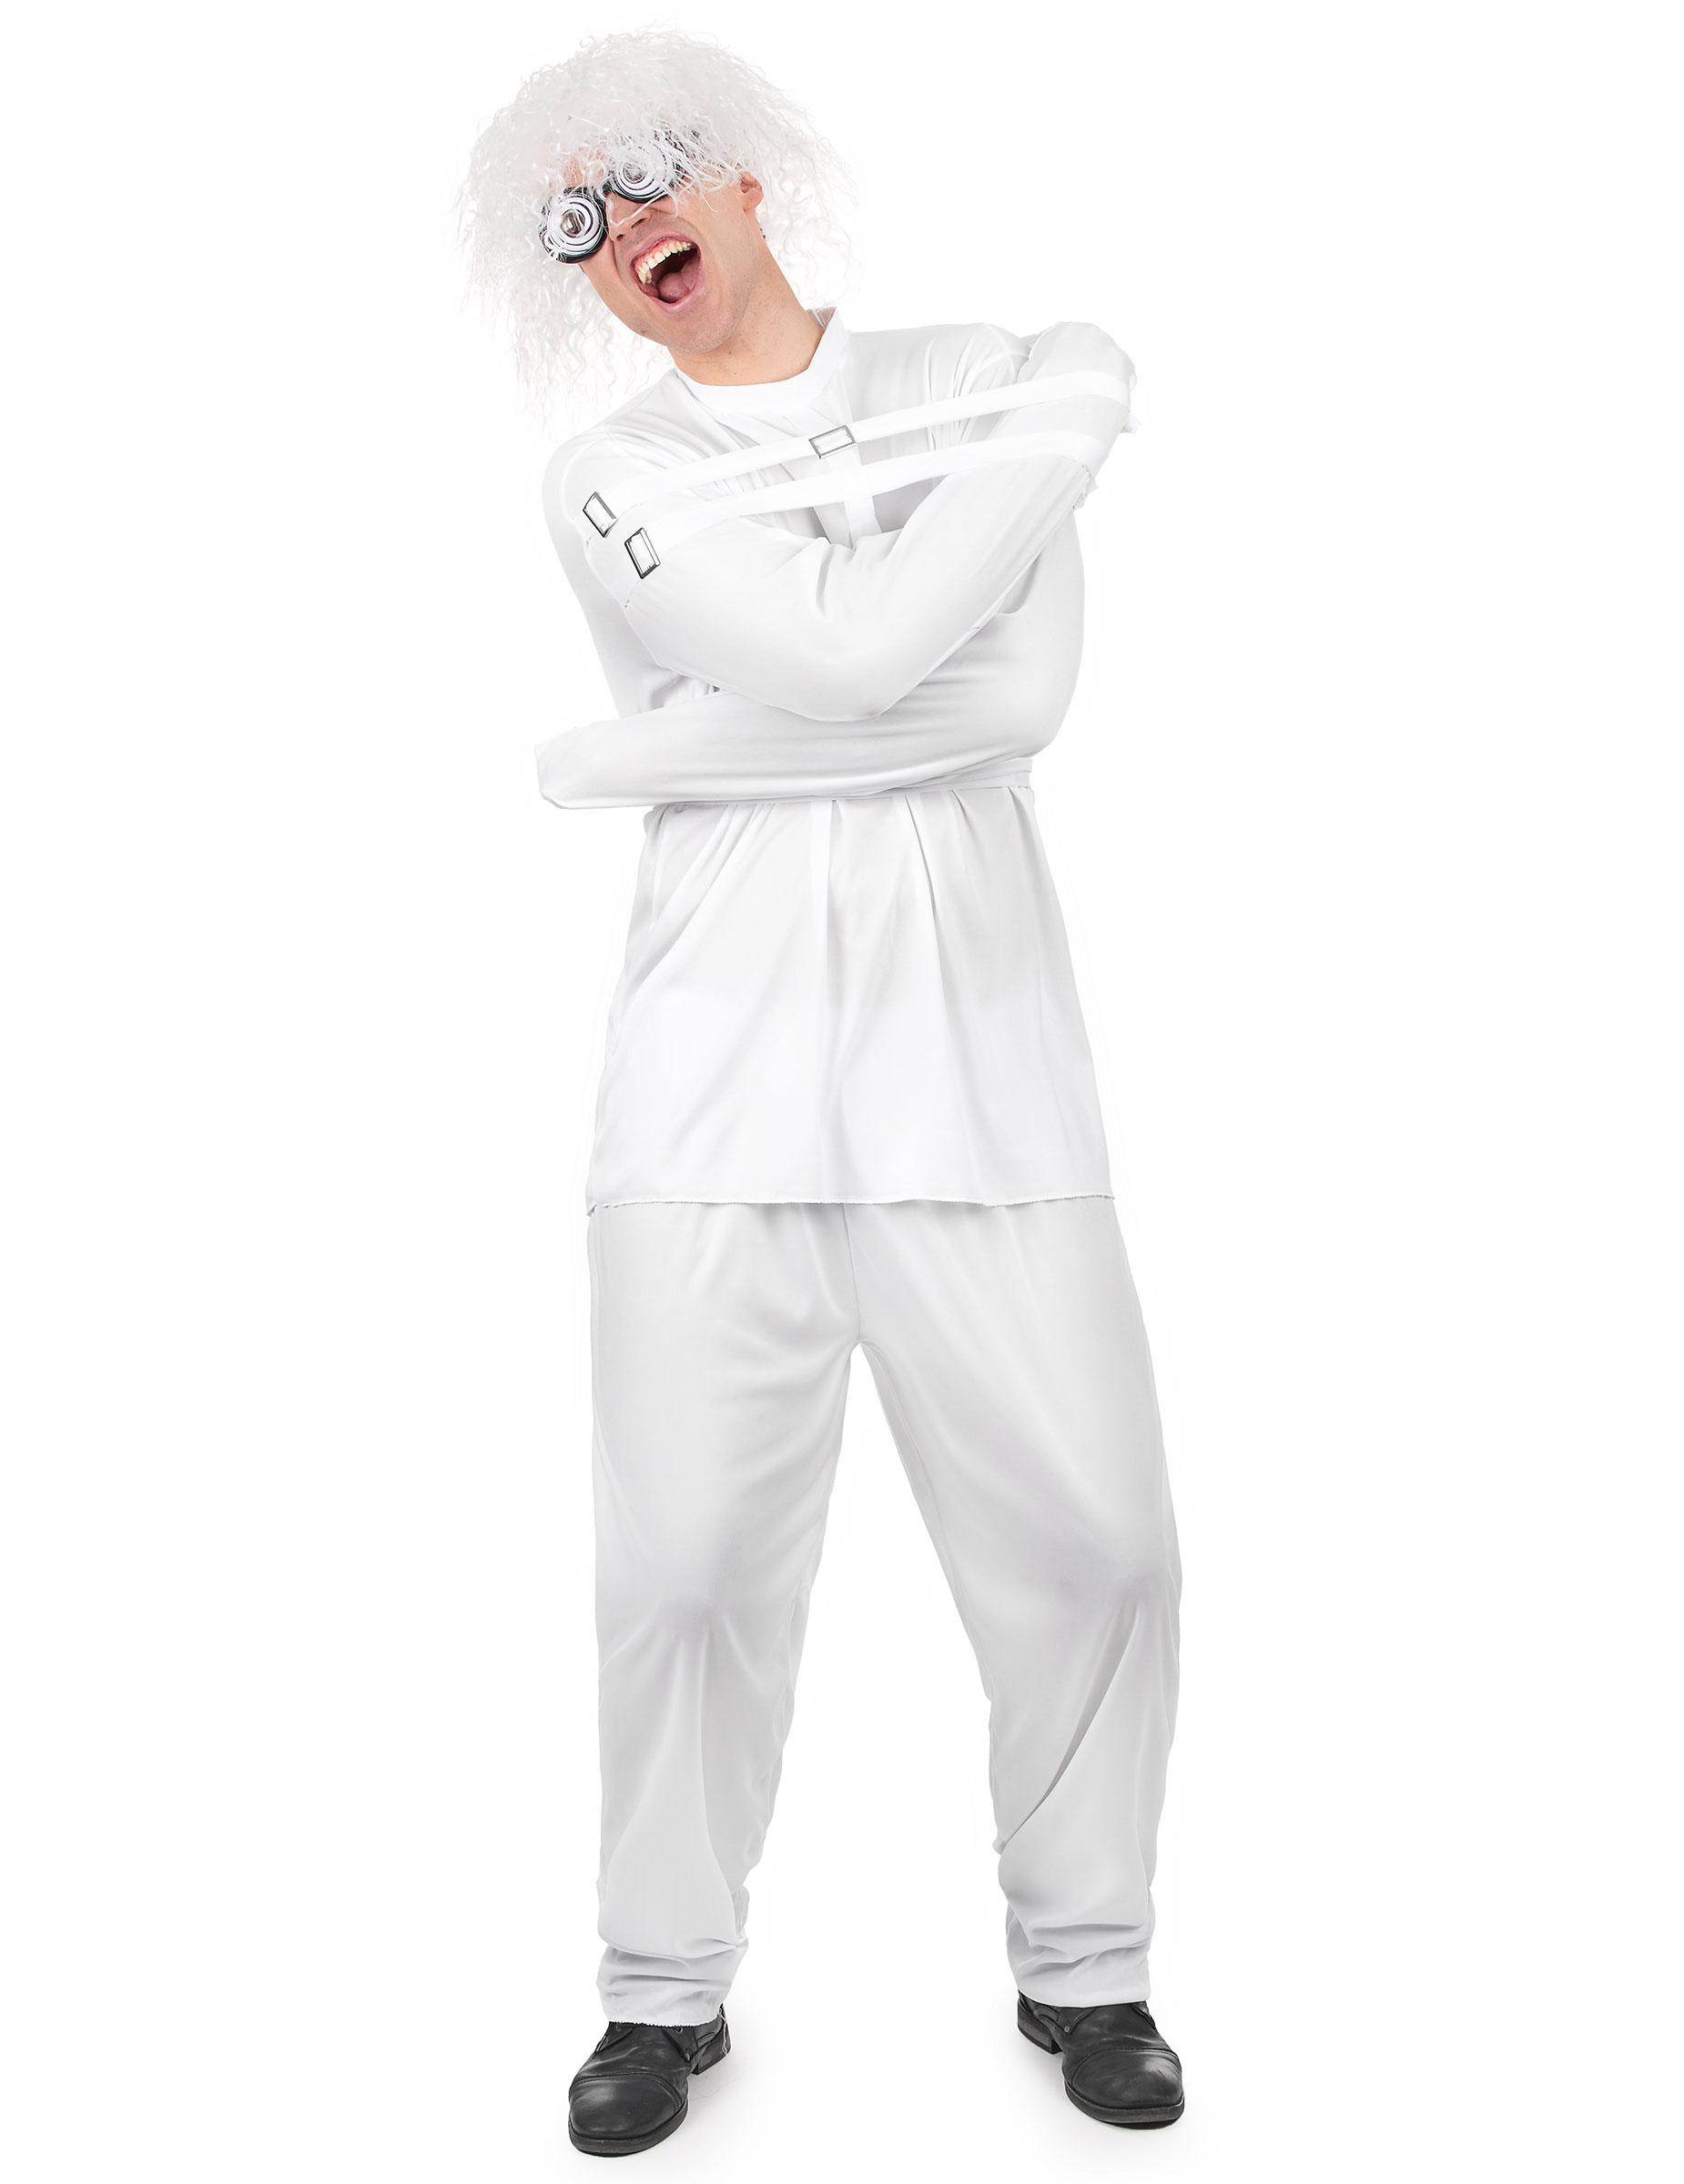 Costume da psicopatico con camicia di forza 486e2da8b5e